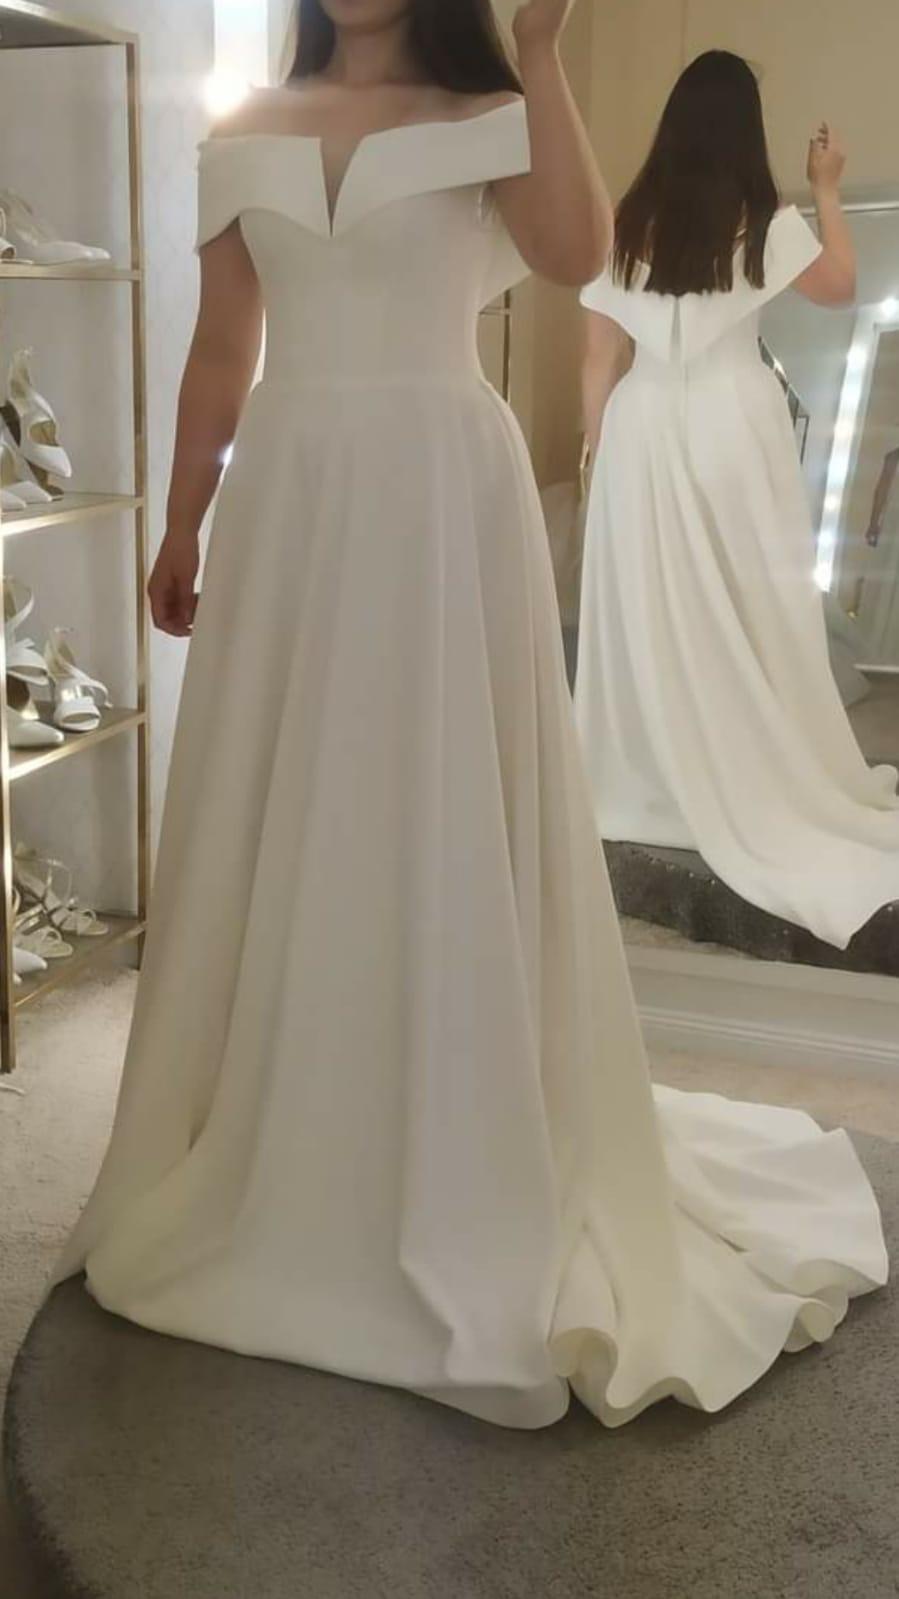 Gorgeous Split Wedding Dresses Long 2021 Elegant A-line Off Shoulder African Bridal Gowns Long Formal Boho Vestido de noiva